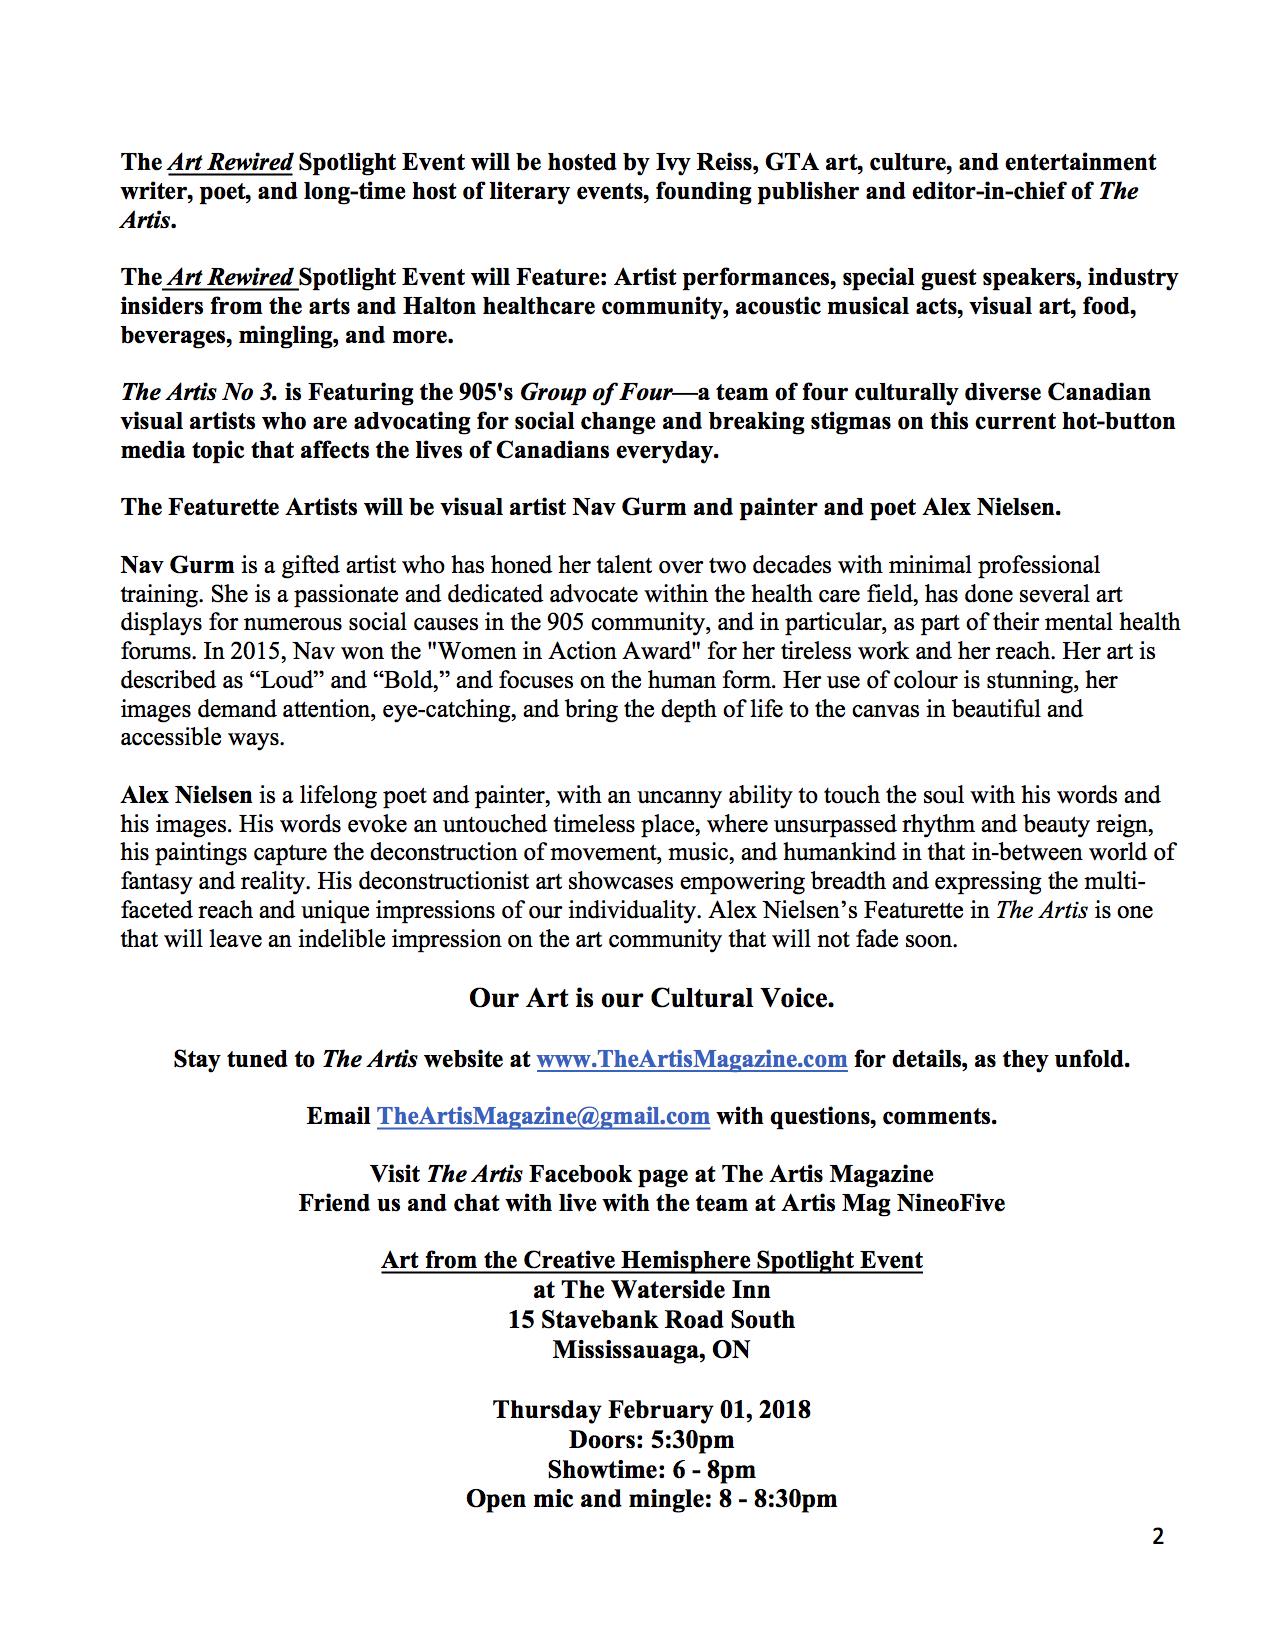 Artis 3 press release pg 2 of 2.jpg